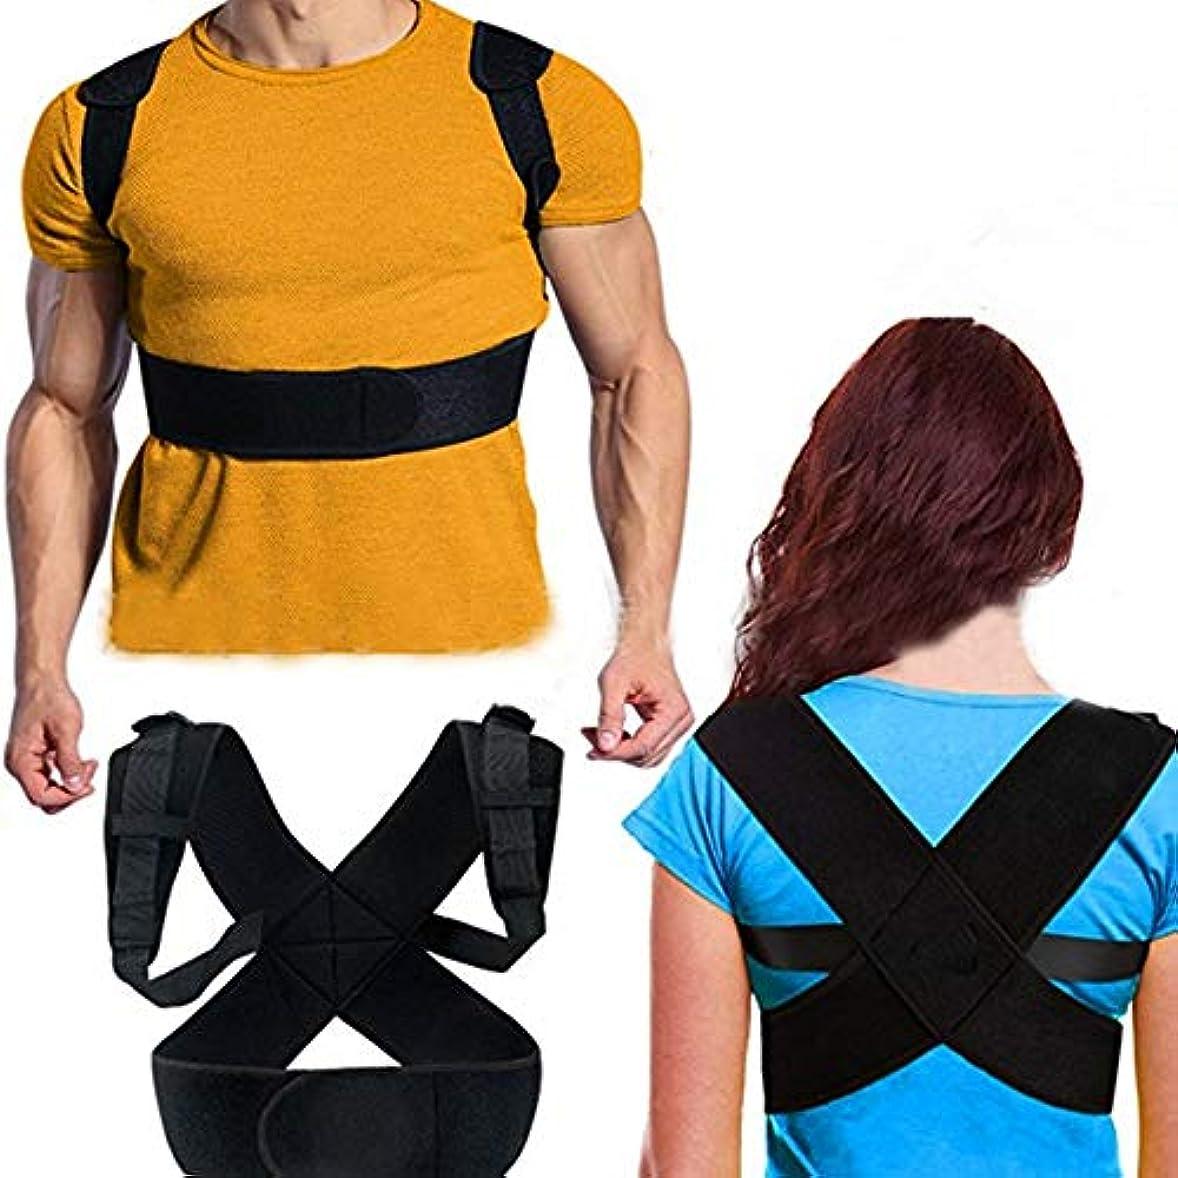 調停する駐地ベット猫背 姿勢矯正ベルト 背筋矯正サポーター背筋 補正 ベルト 肩こり 解消 通気 脱着簡単 姿勢改善 歪み予防 男女兼用